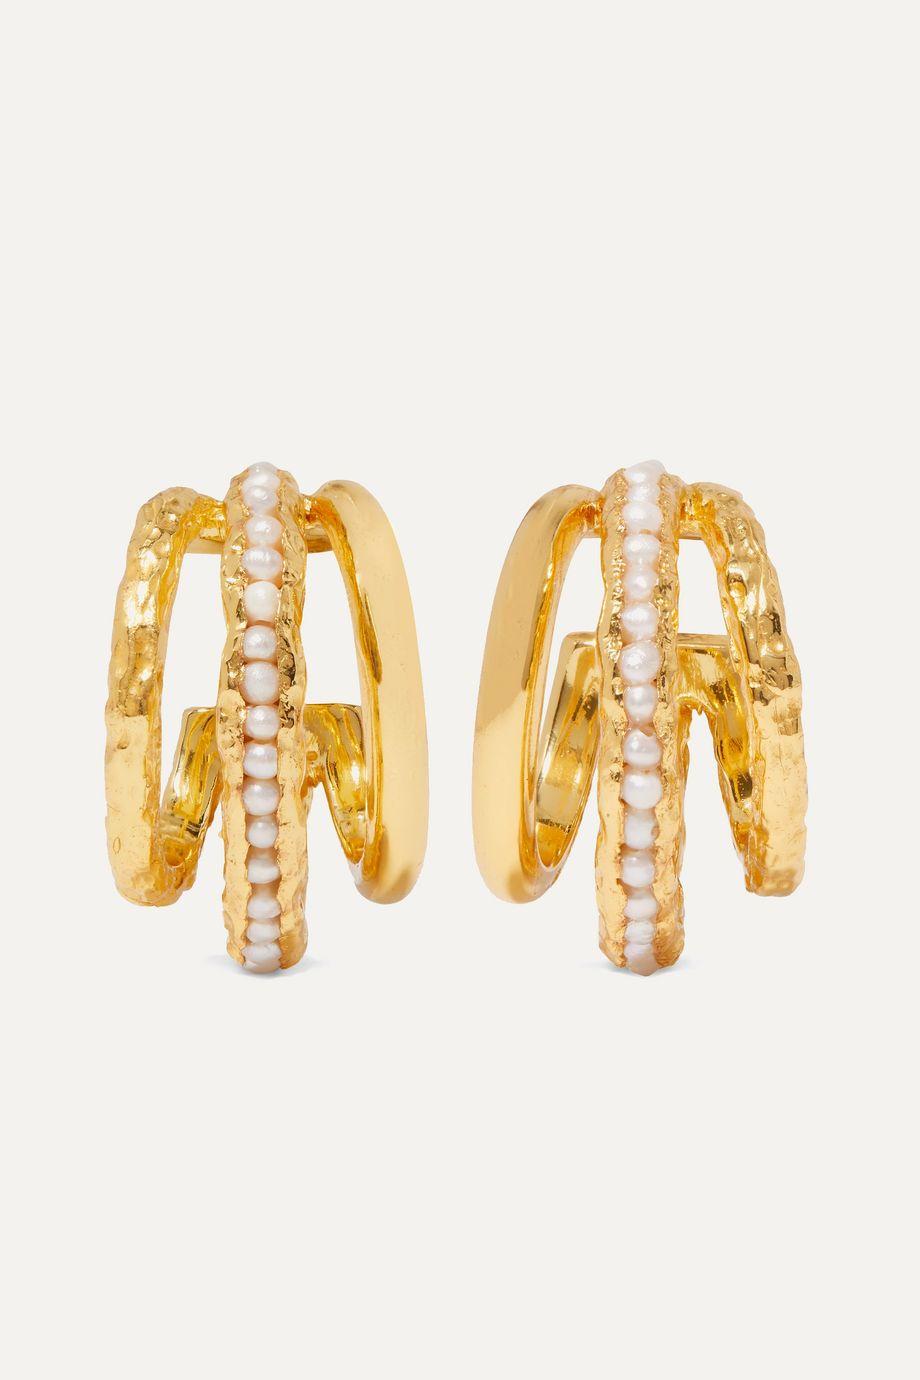 Pacharee Gold-plated pearl hoop earrings